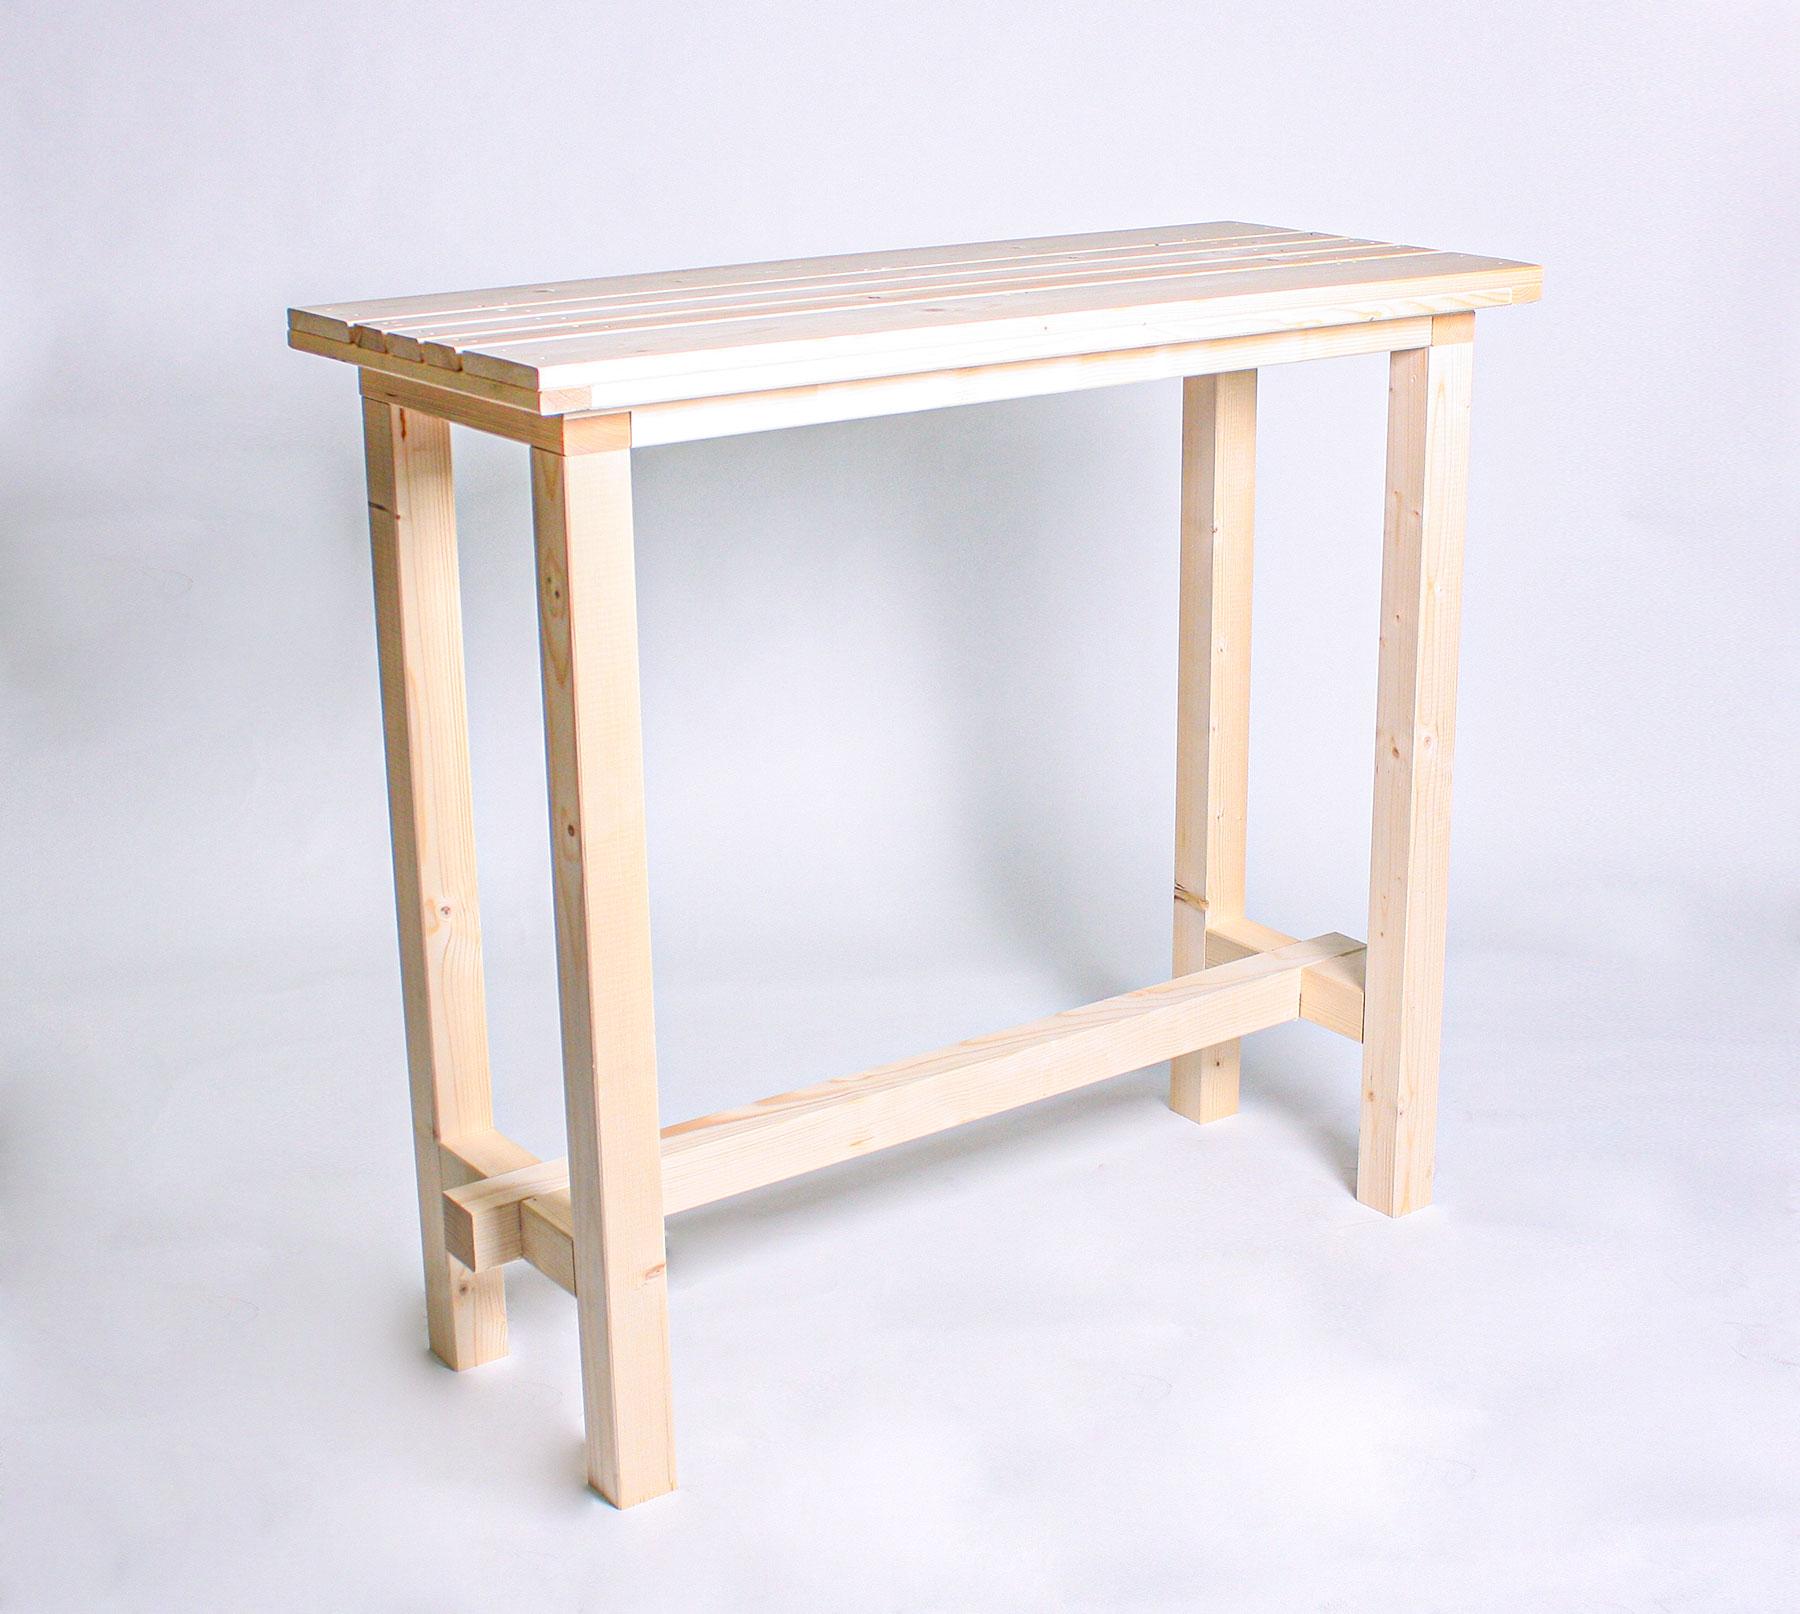 Stehgarnitur KOMPAKT 6 Personen Tisch 120 cm